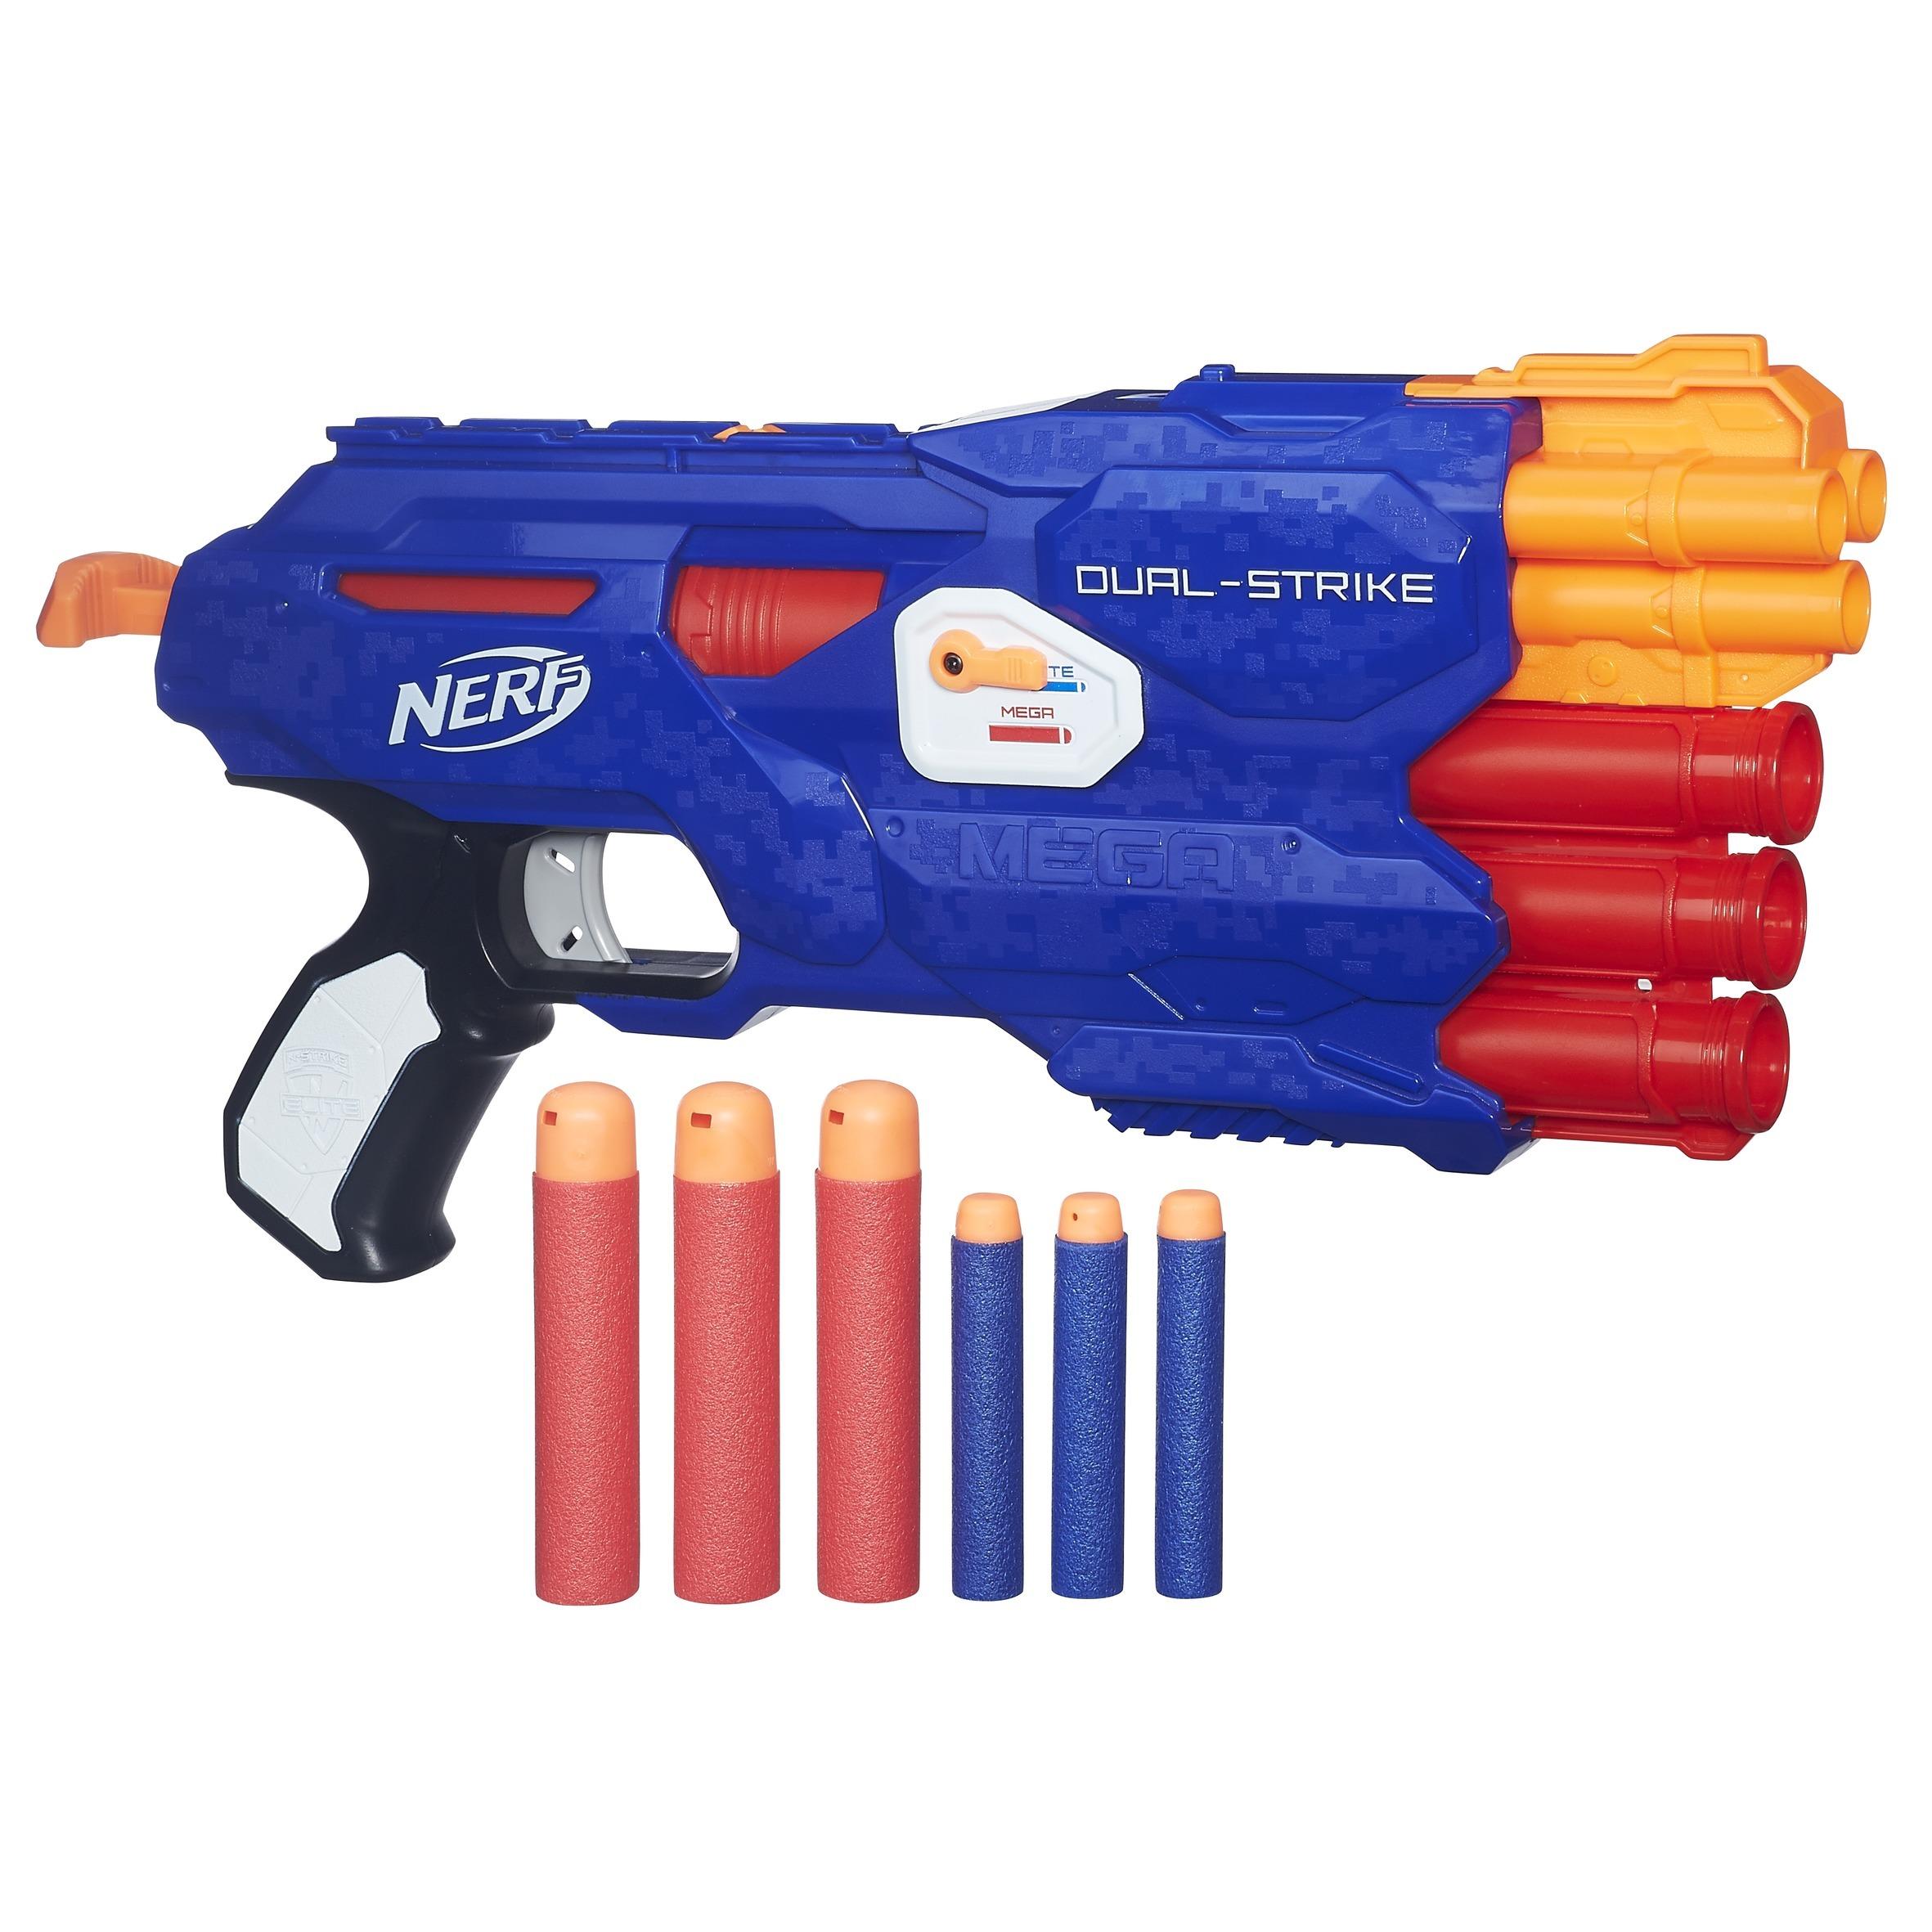 nerf pistolet elite dual strike b4620eu40 pas cher achat vente jeux d 39 adresse. Black Bedroom Furniture Sets. Home Design Ideas